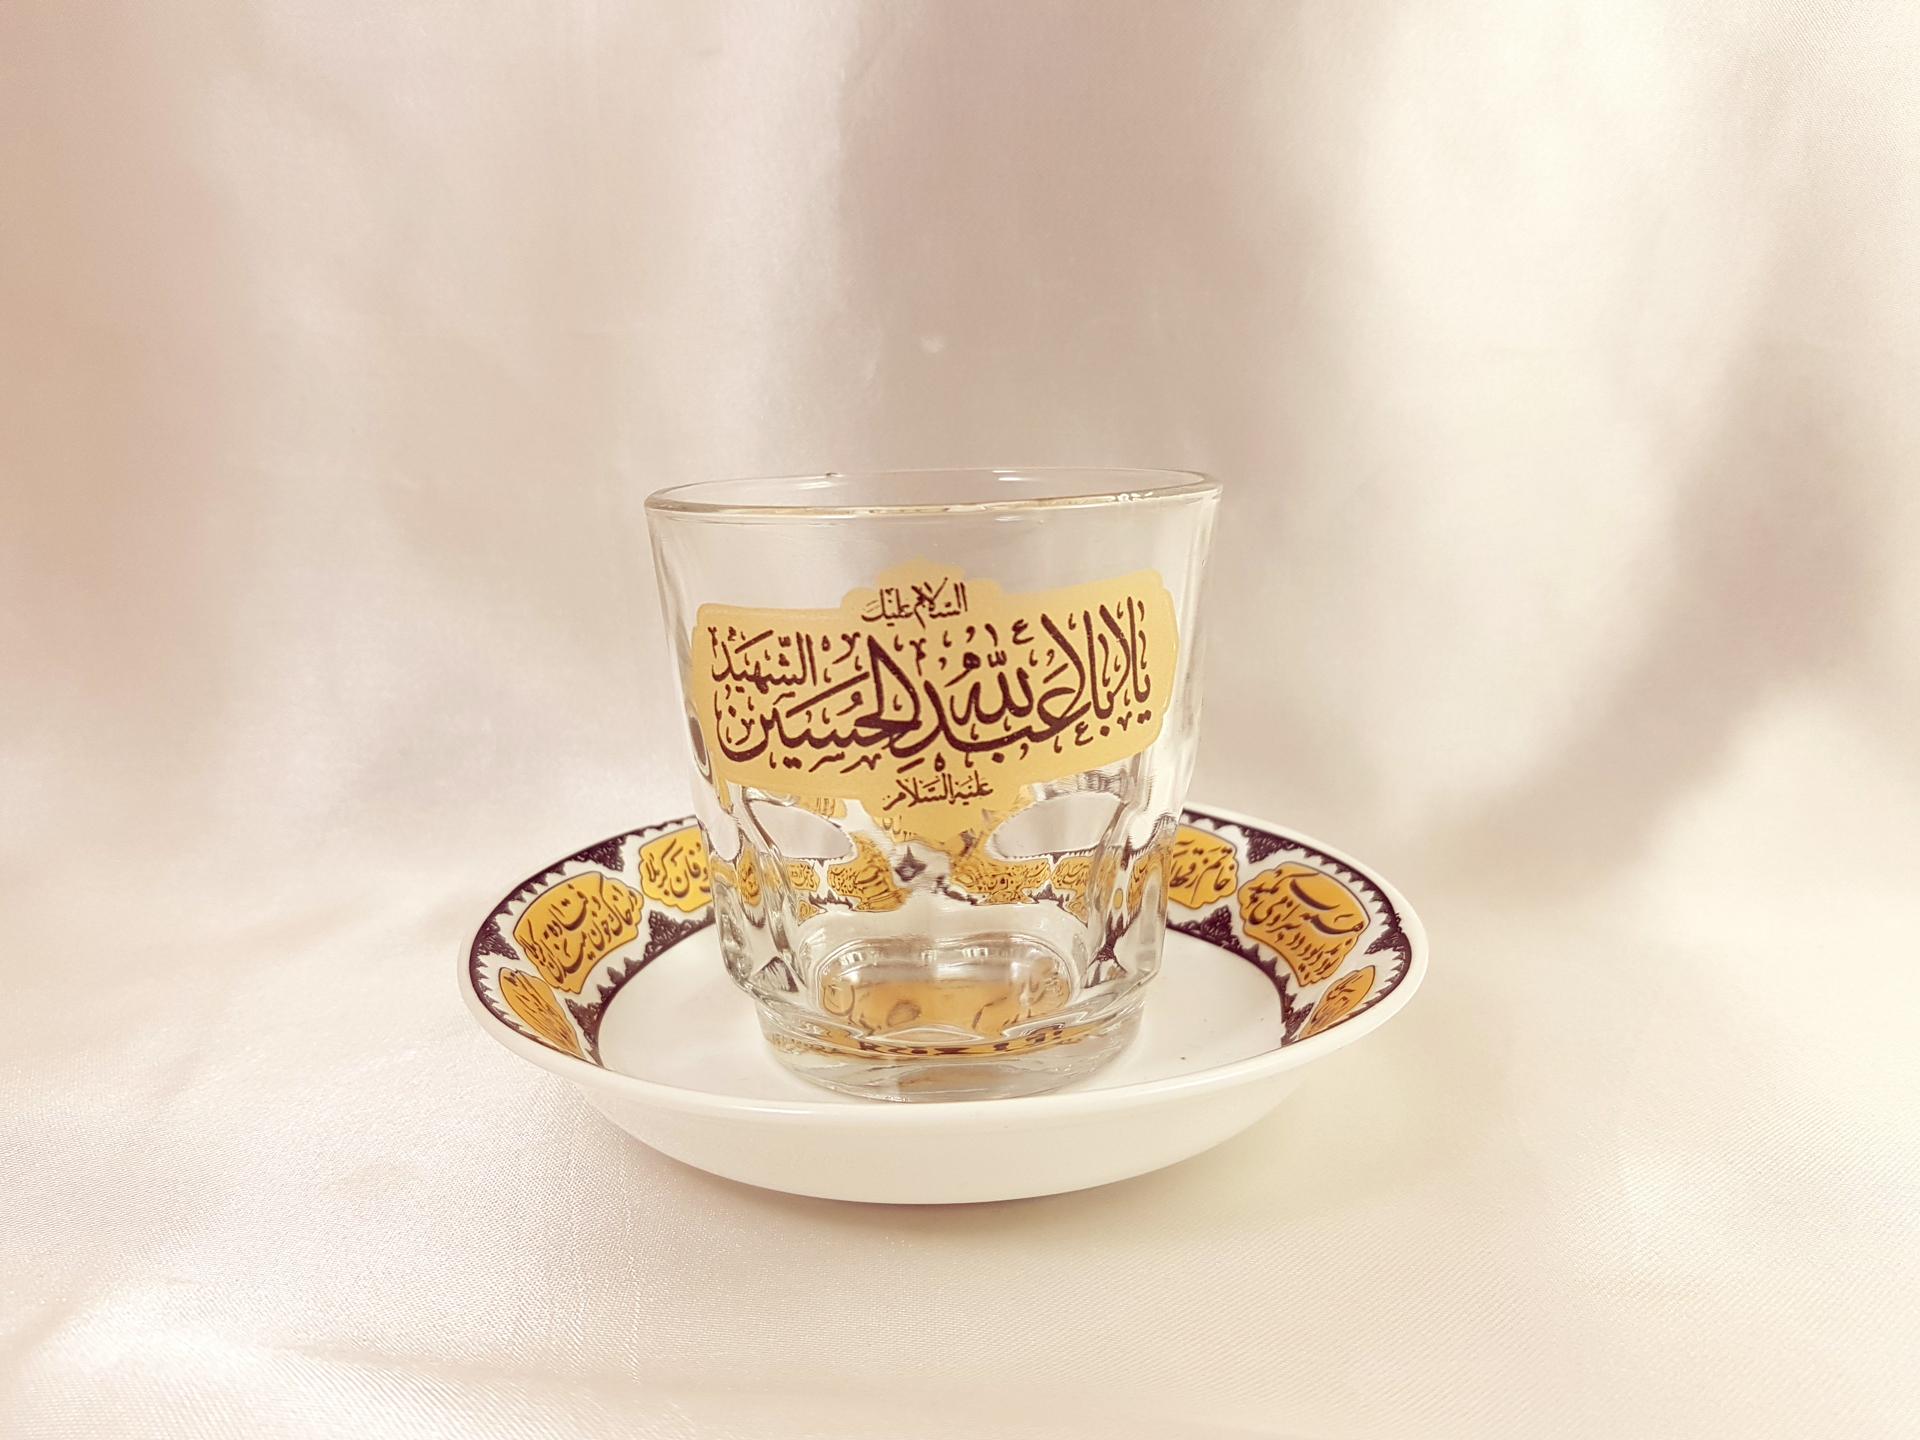 تصویر از استکان و نعلبکی نیم لیوان هیئت یا اباعبدالله الحسین(ع)